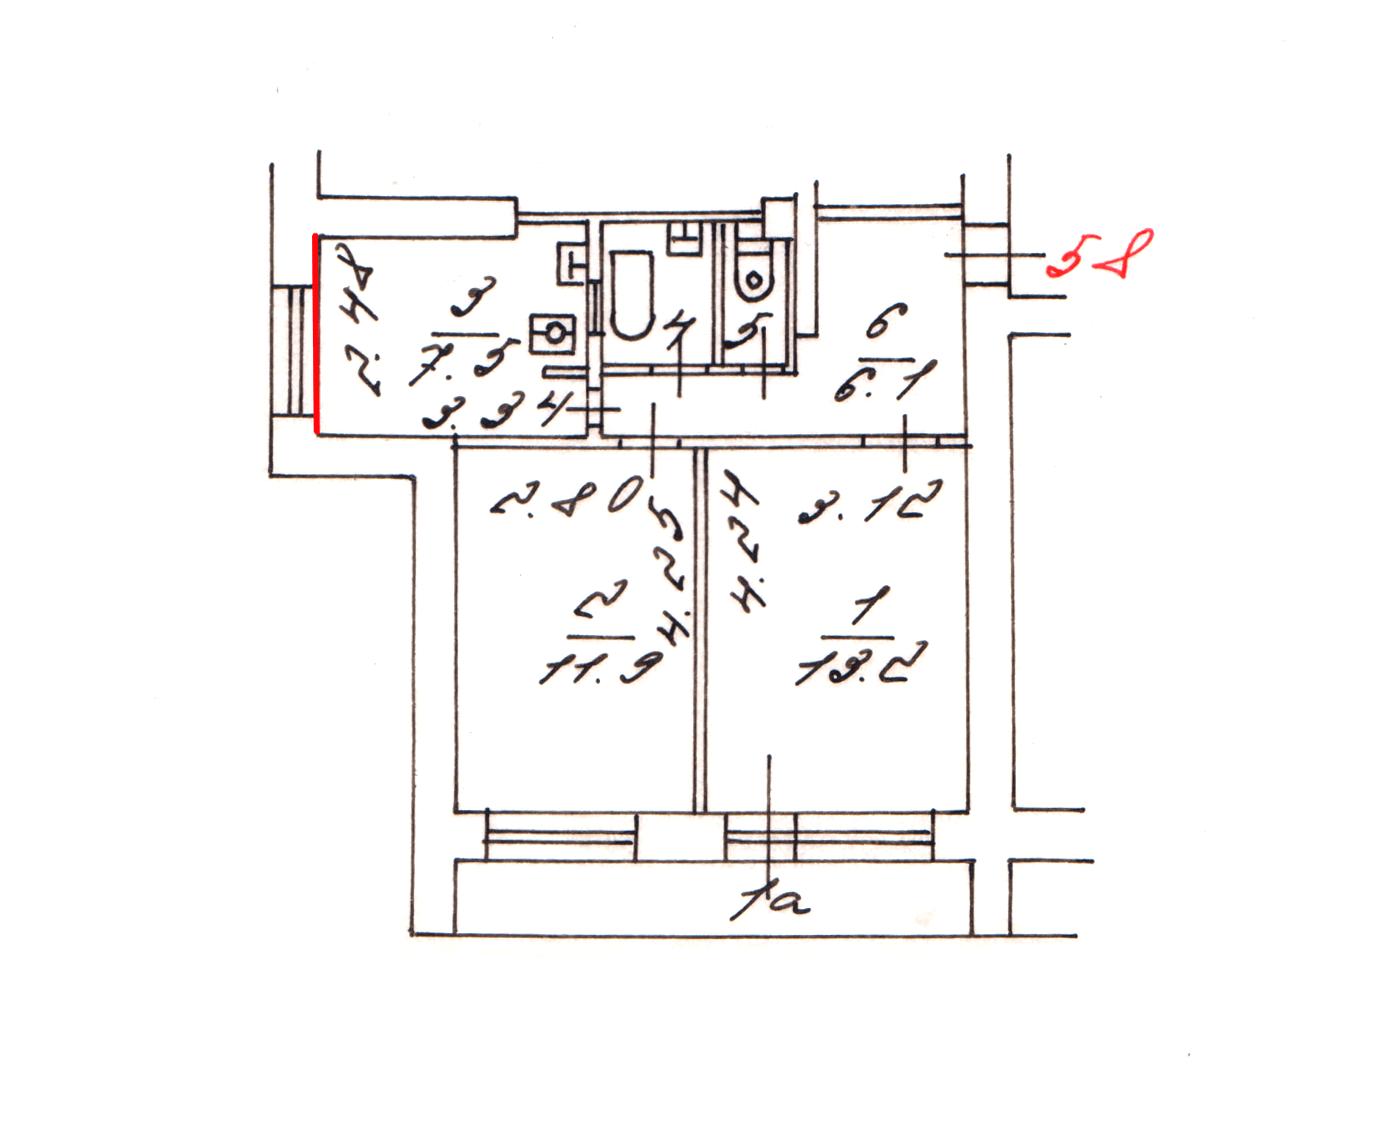 Я верил в непогрешимость плана БТИ, но стена, которую я выделил красным, оказалась меньше, а окно в реальности расположено ближе к середине стены, чем на плане. К тому{amp}amp;nbsp;же на плане БТИ не указаны размеры каждой из стен